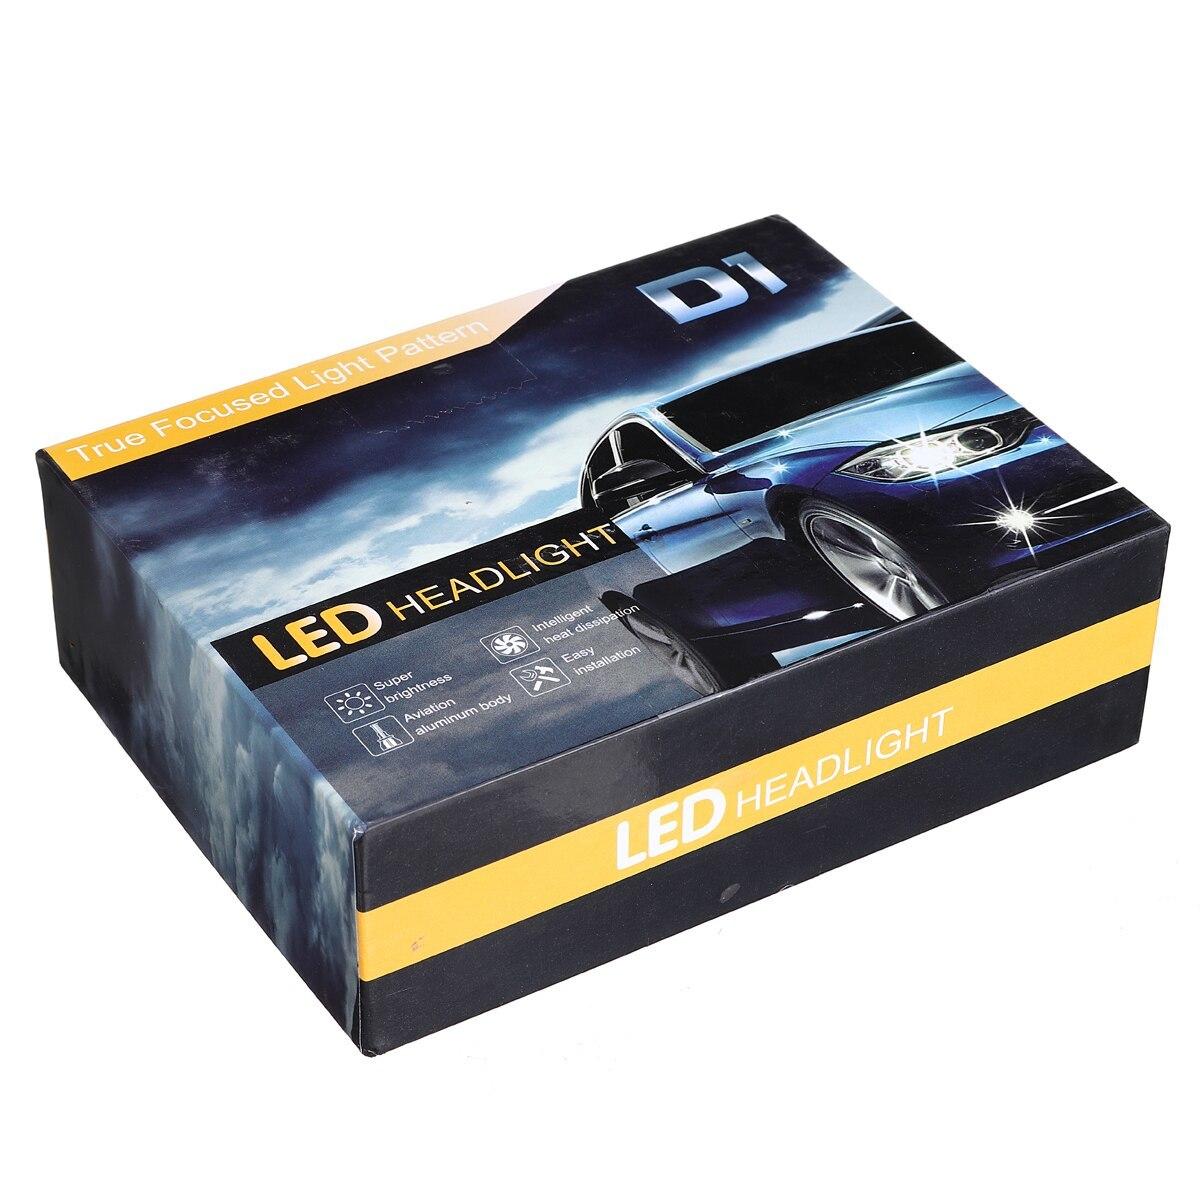 2 × 120 ワットH8 LEDエンジェル アイズフォグランプ ヘッドライトCANBUS BMW E60 E61 E63 X5 E70 X6 E71 E90 E91 E92 E93 M3 E89 E_画像6